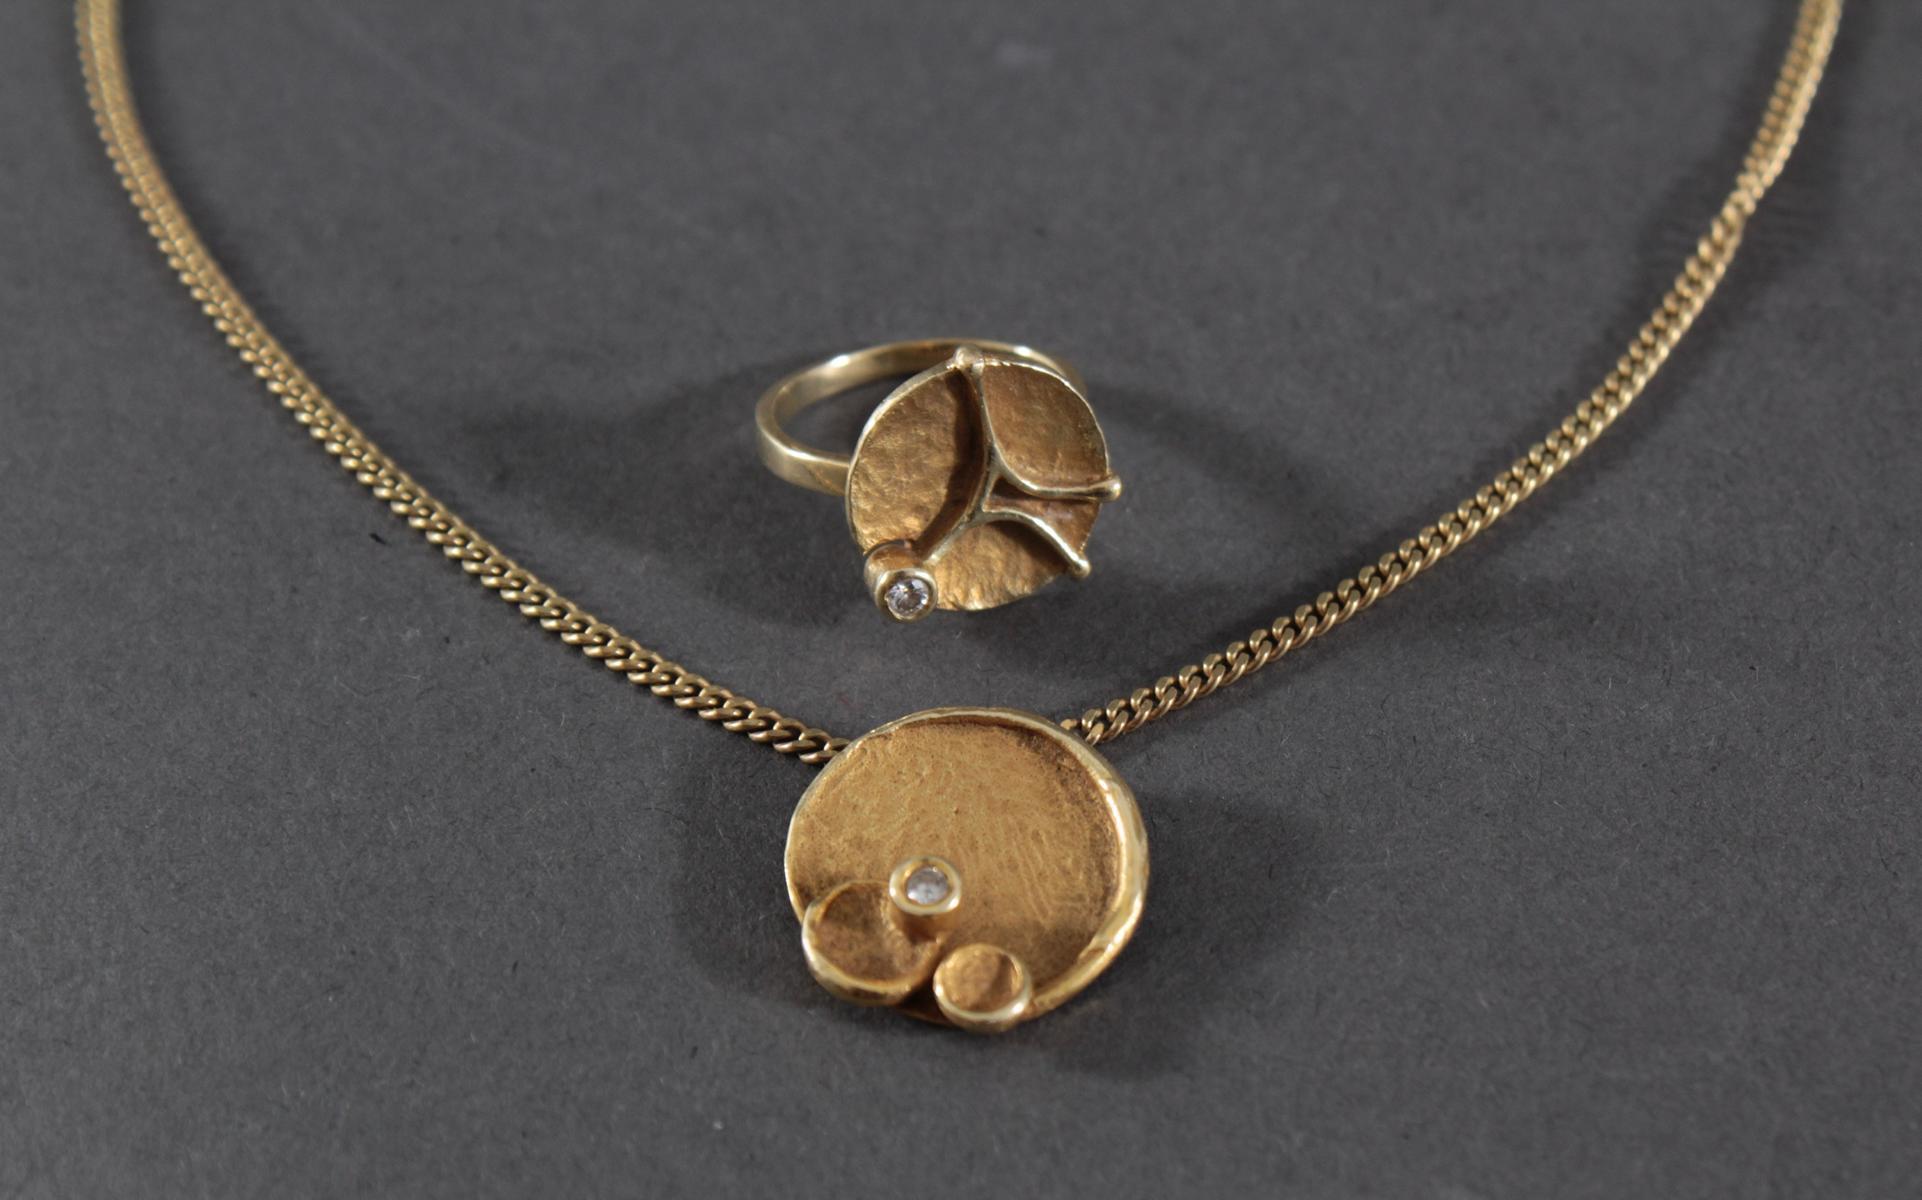 Halskette mit Anhänger und Ring mit Diamantbesatz, 8 und 14 Karat Gelbgold-2